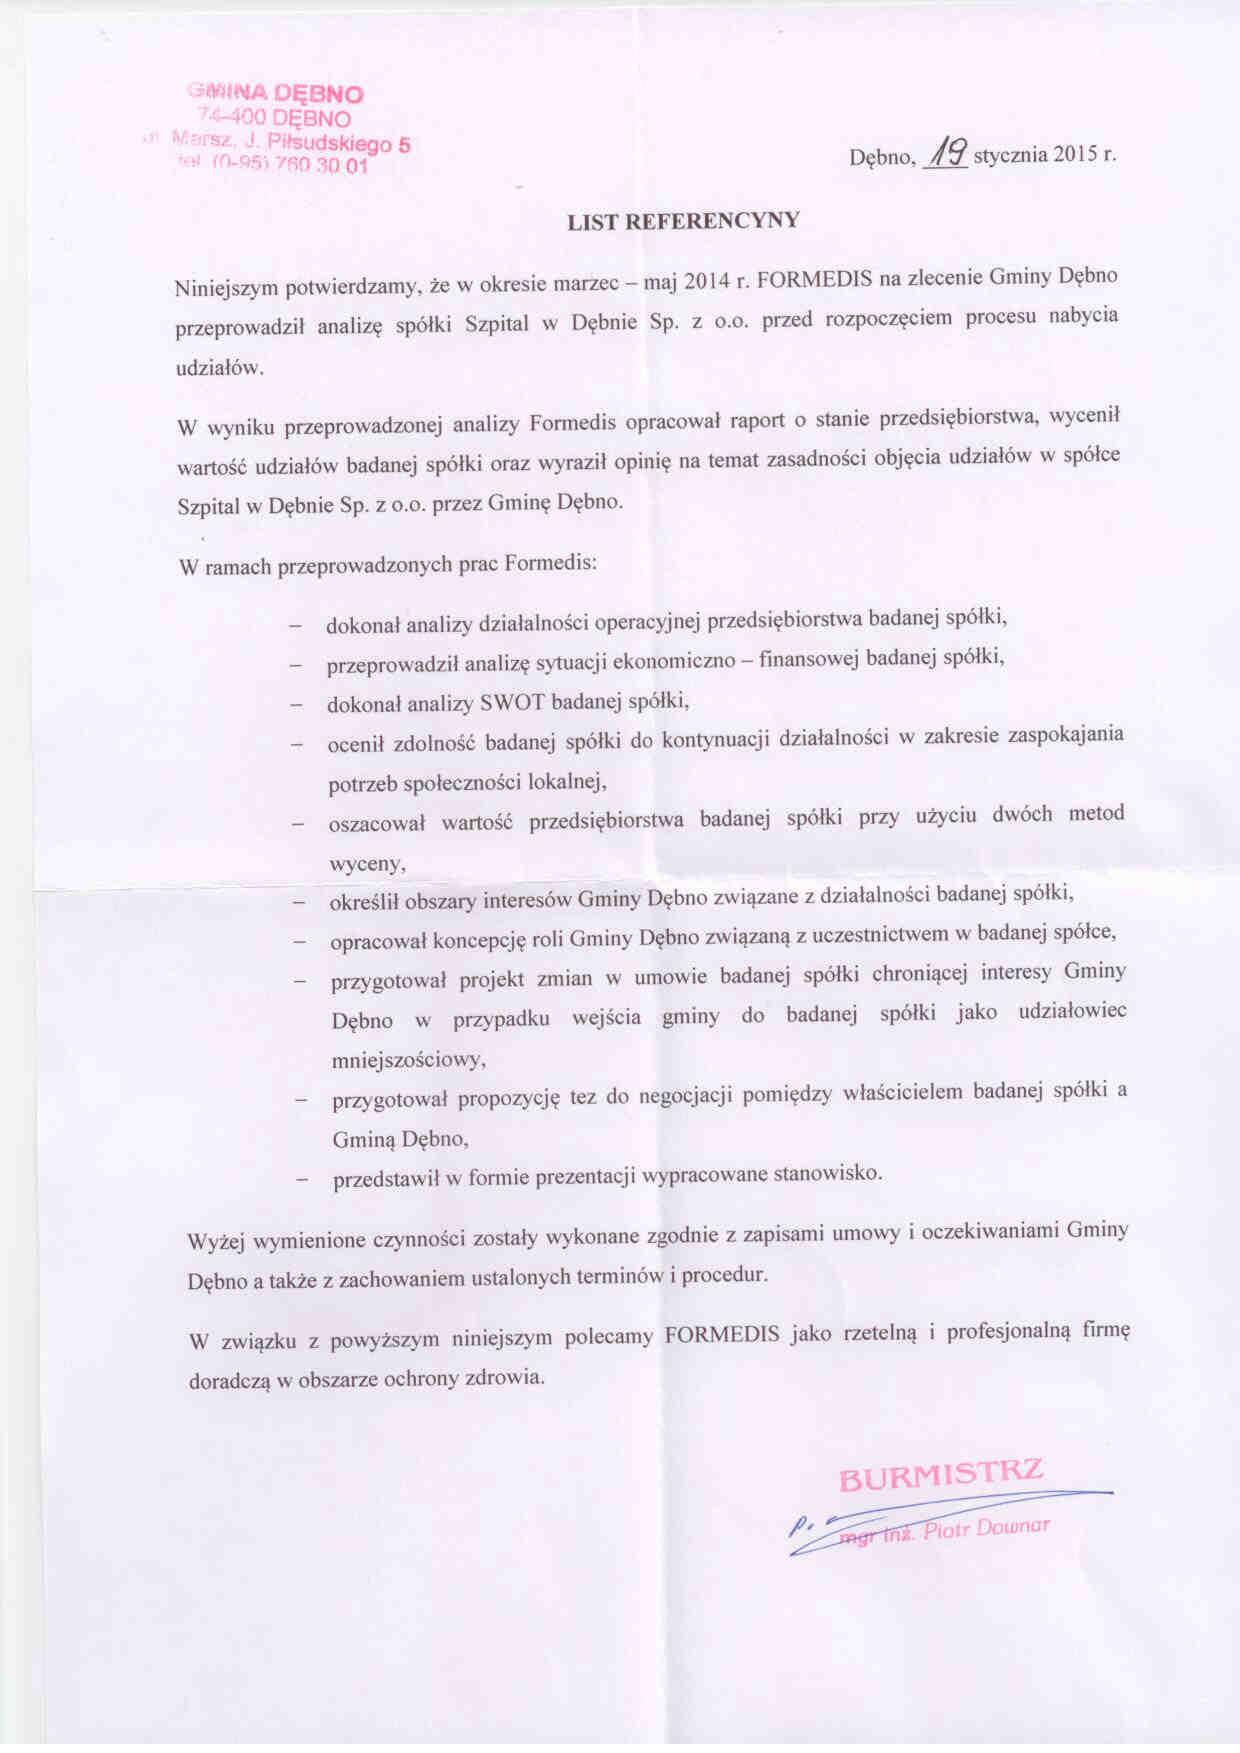 gmina_debno_referencje